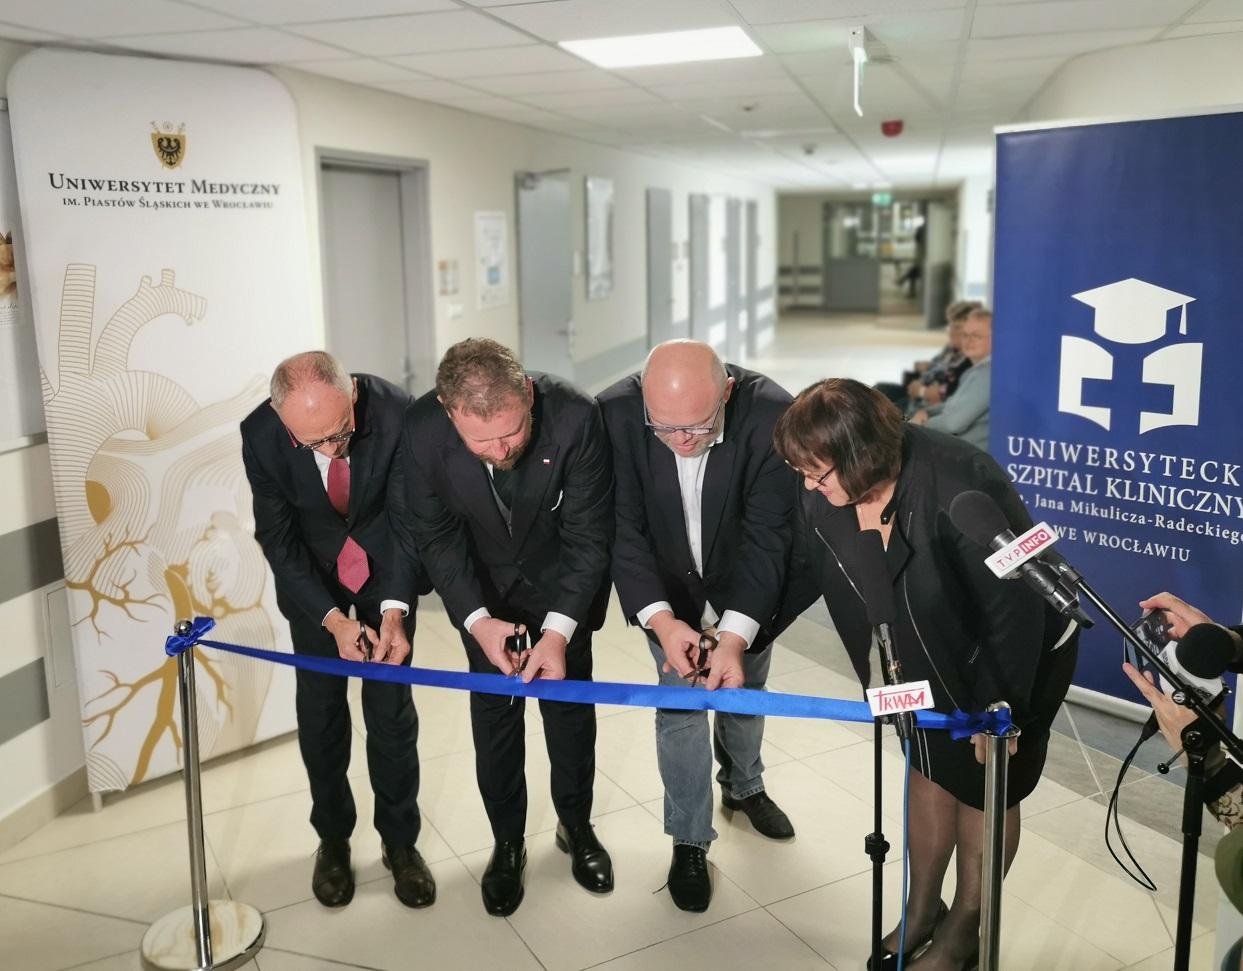 We Wrocławiu chcą wykonywać transplantacje serca